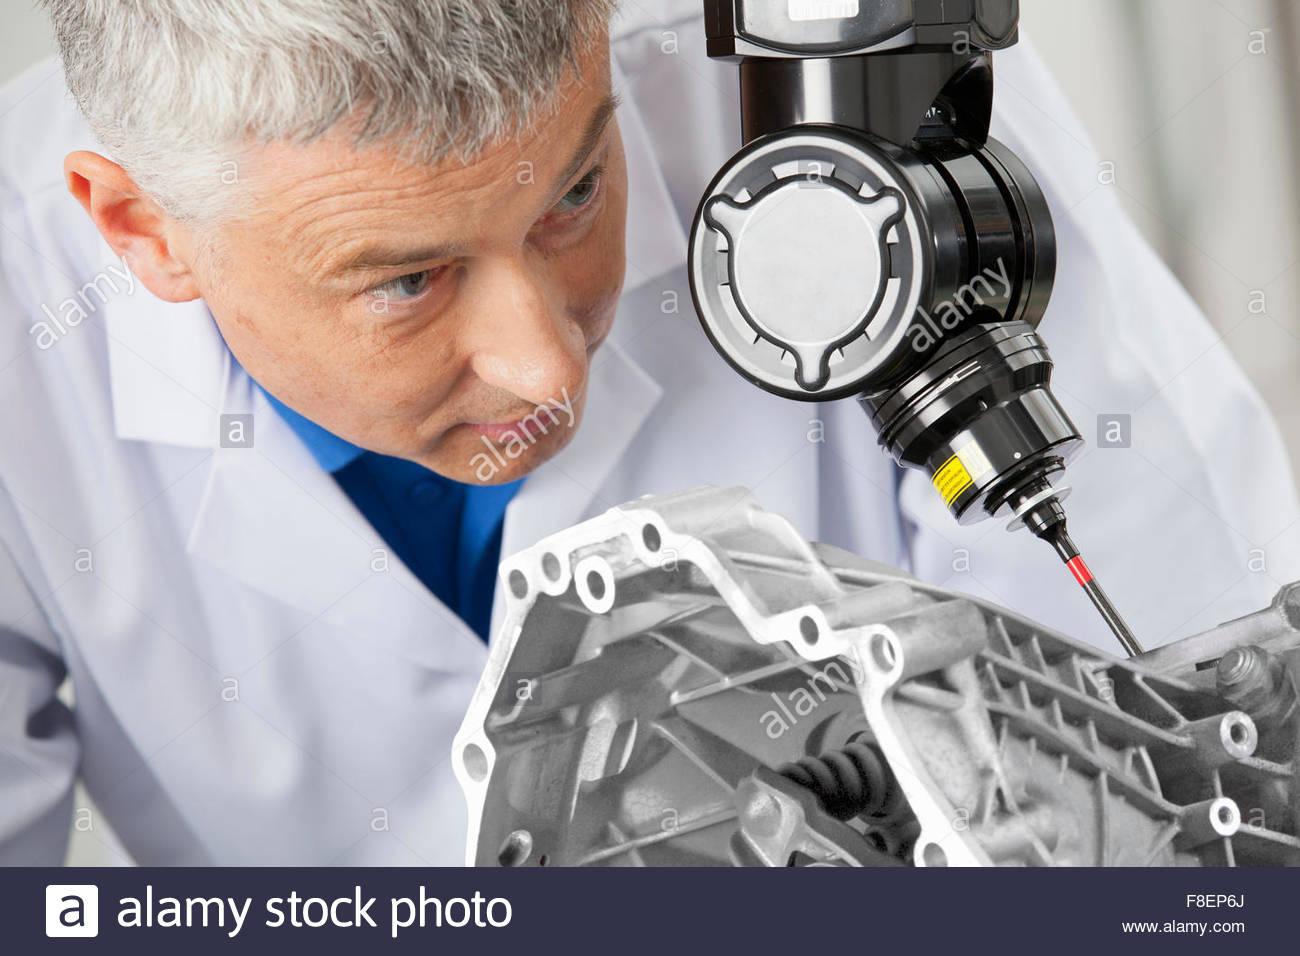 Nahaufnahme eines Ingenieurs mit computergesteuerten Sonde Motorblock Scannen Stockbild